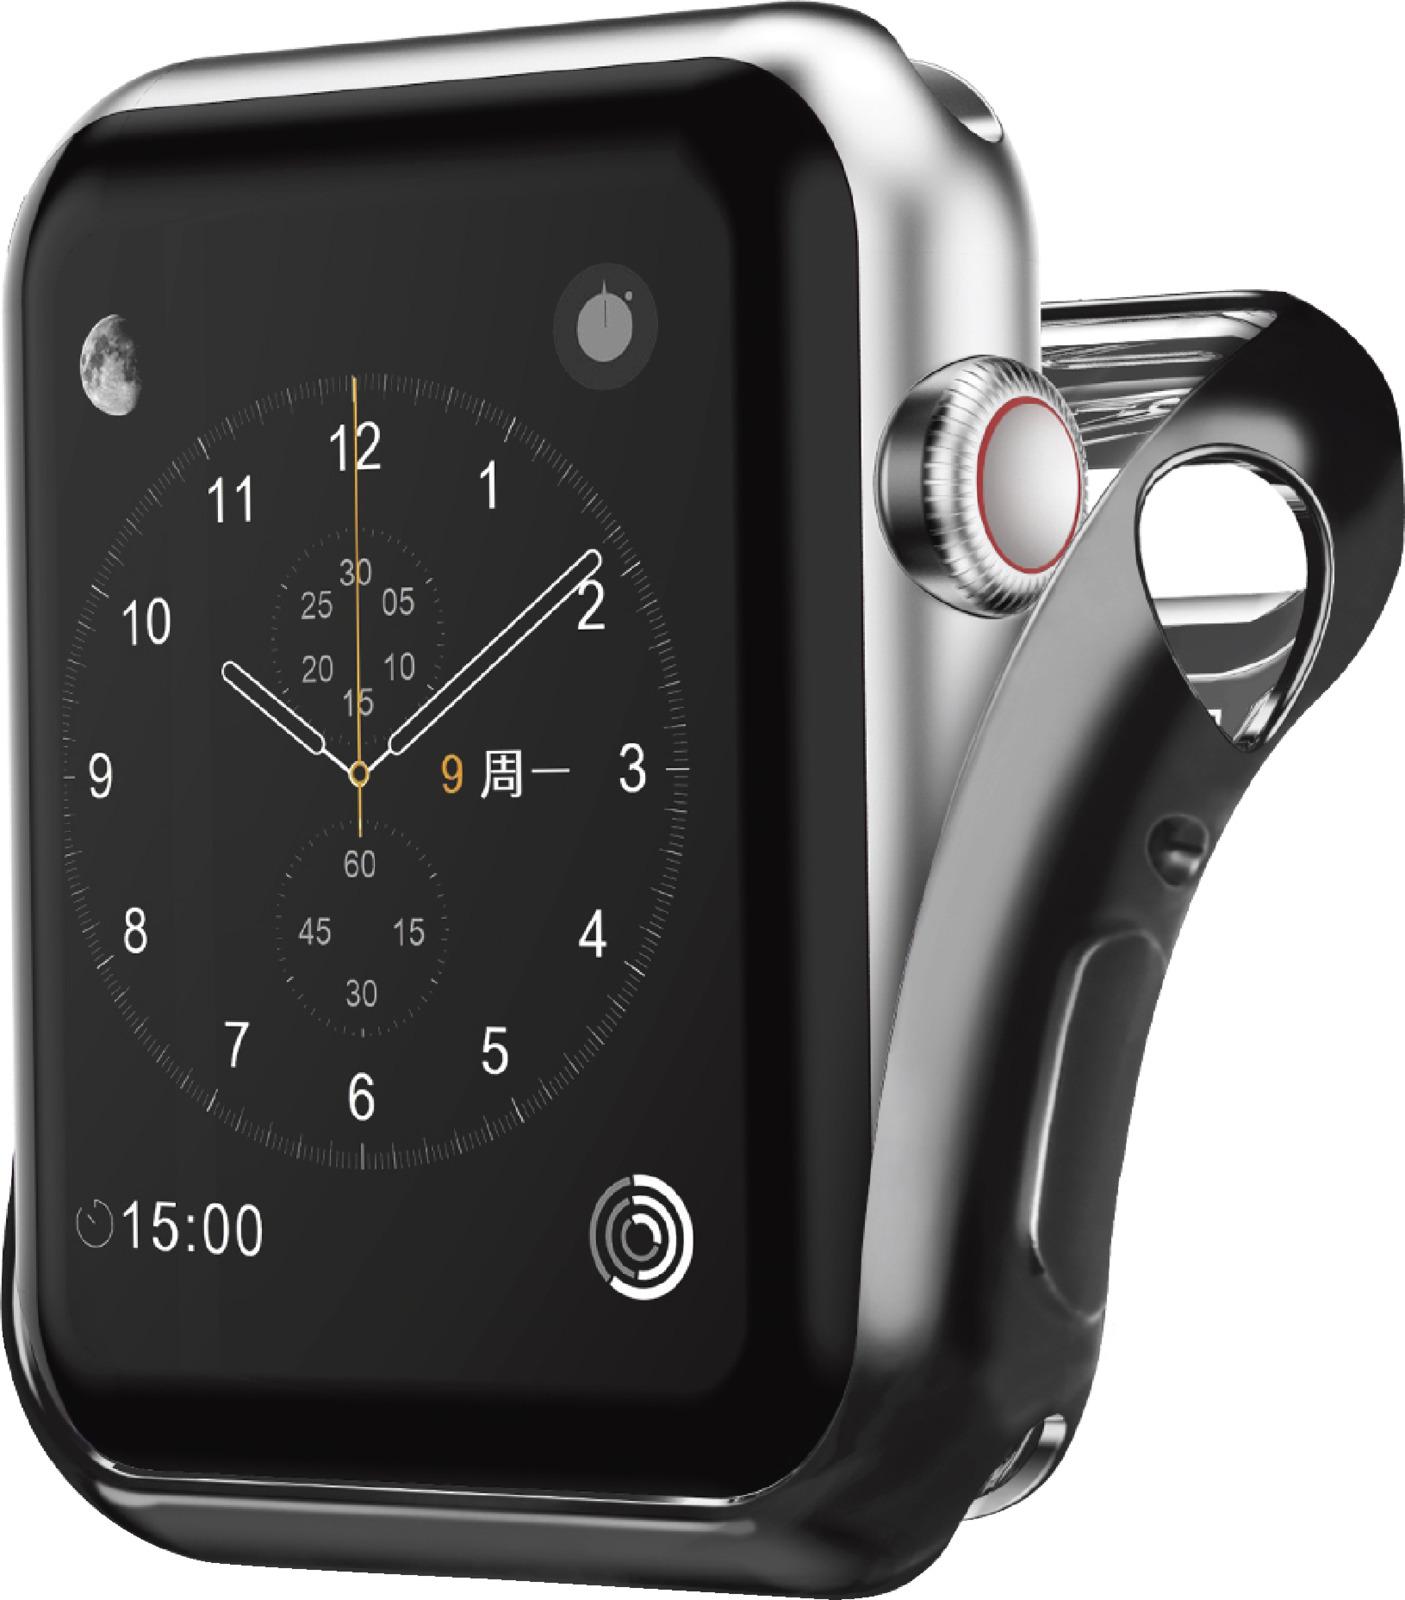 Чехол для смарт-часов Interstep Спортивный для Apple Watch 42mm, черный аксессуар ремешок gurdini sport silicone для apple watch 42mm dark teal 906173